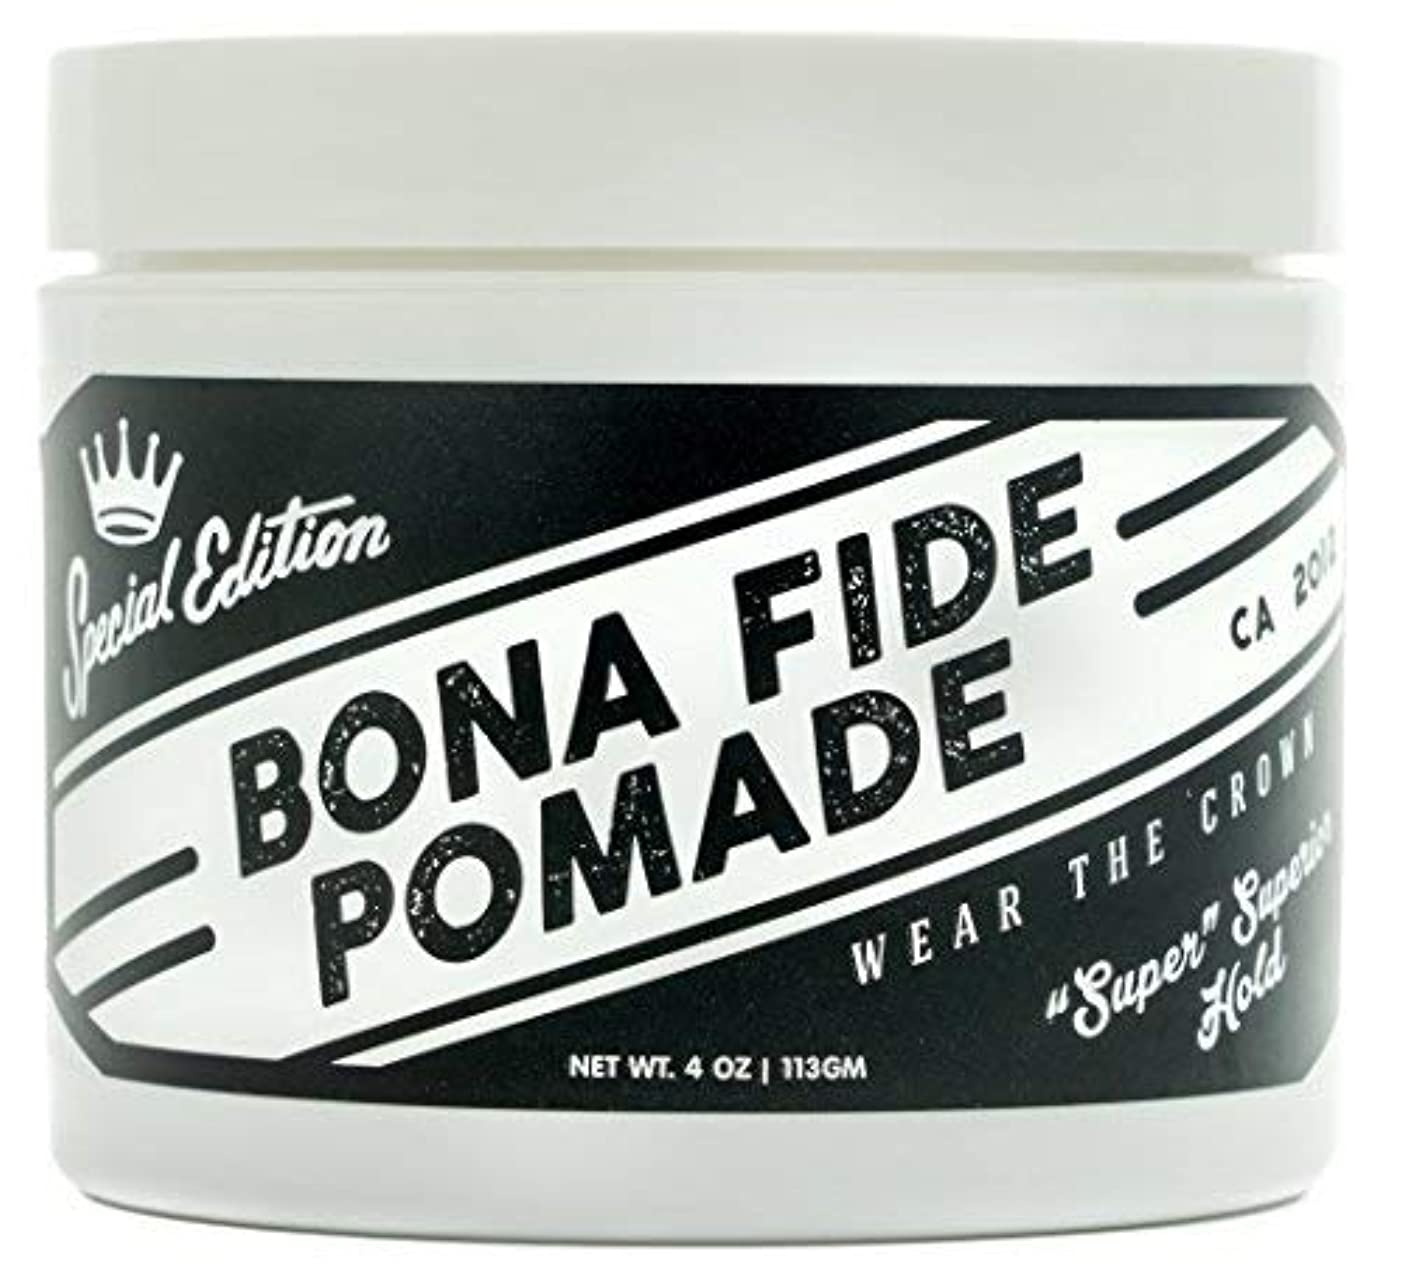 友だちロシア魅惑するBona Fide Pomade, スーパースーペリアホールドSE, 4OZ (113g)、水性ポマード/ヘアー グリース (整髪料)